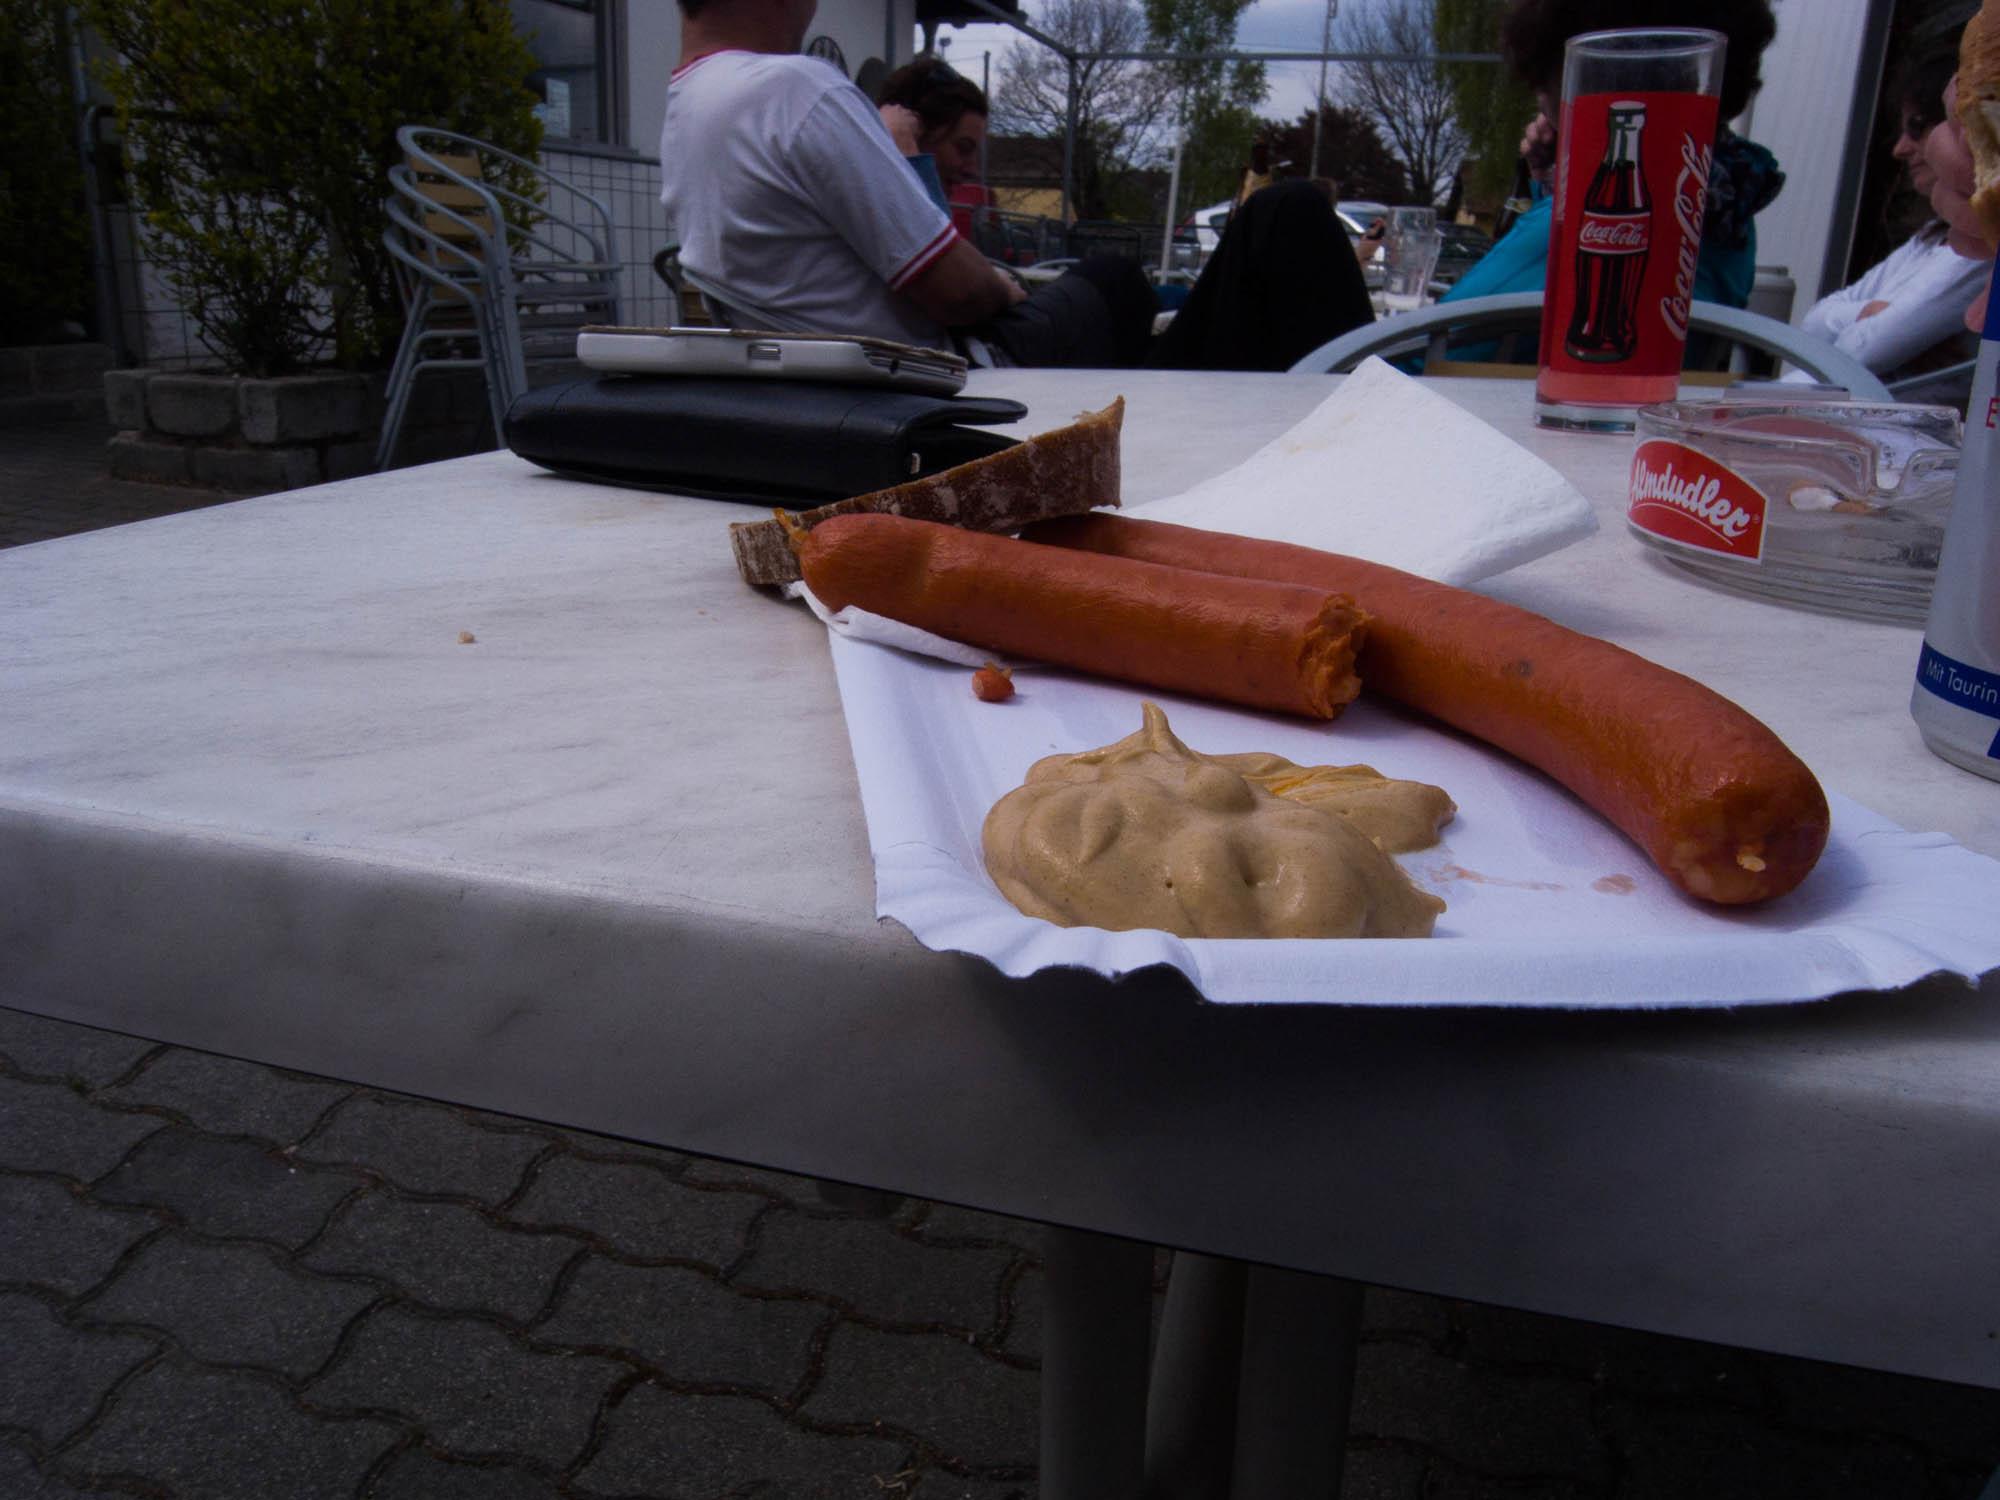 Antauchen_Neufelder_See_Altmann_Action_Sport_Vienna_Tauchen_Burgenland-2